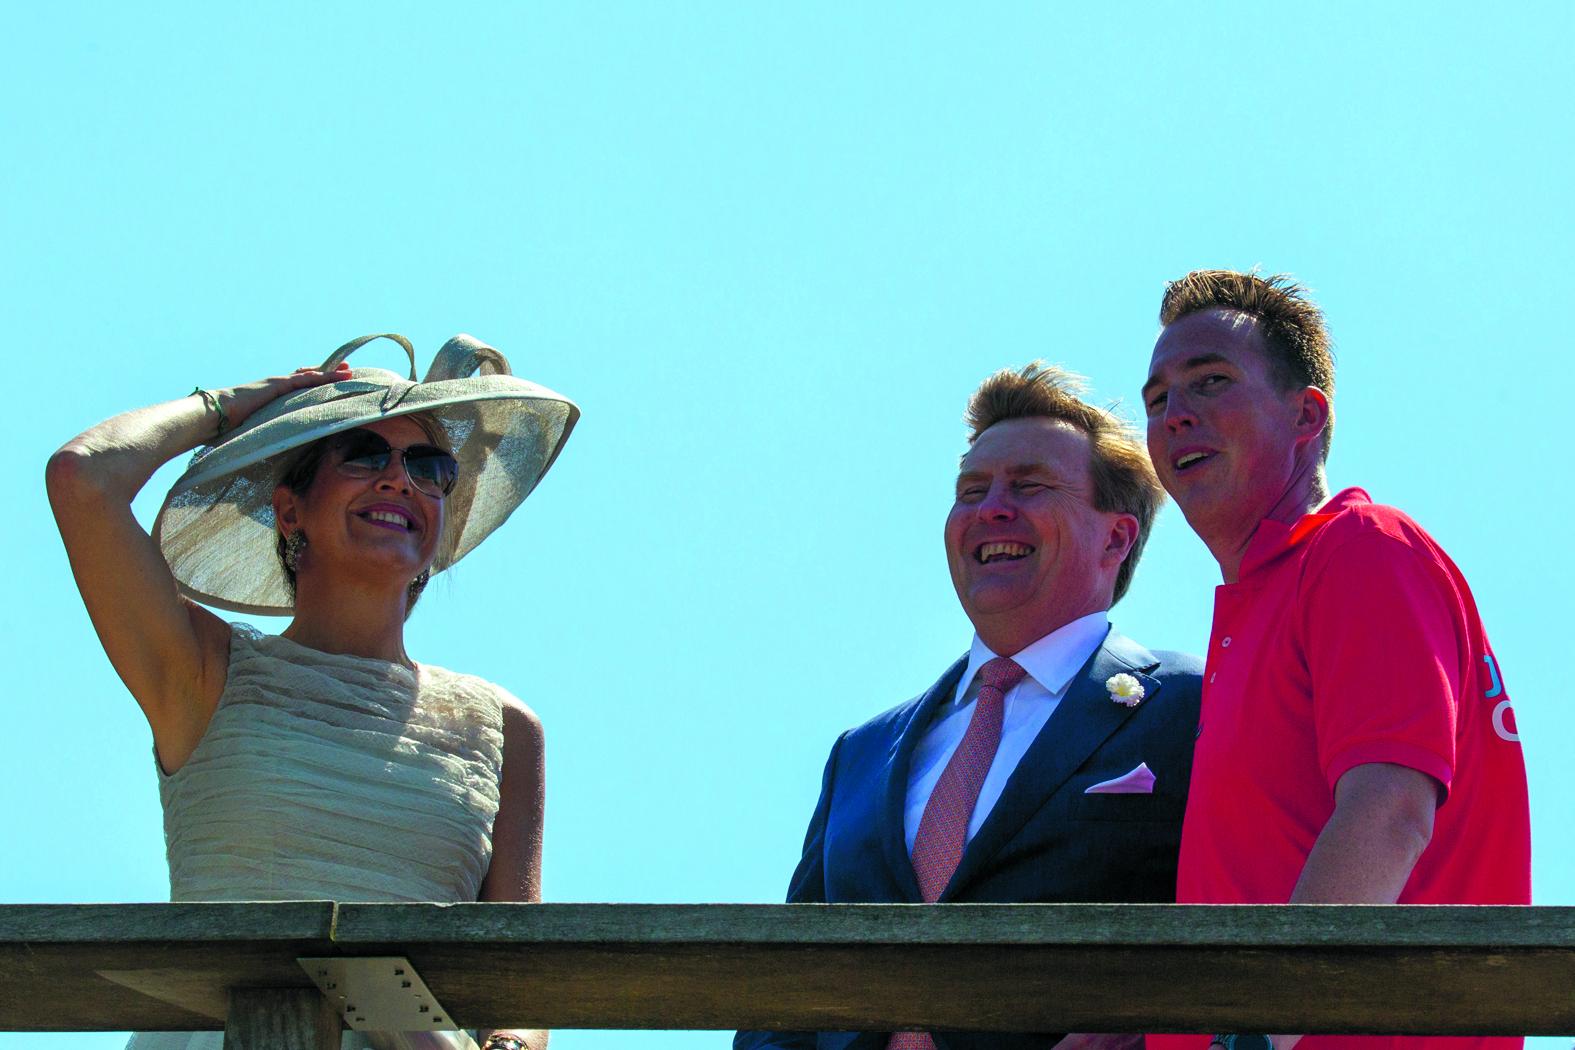 Het Koninklijk Paar op bezoek in Medemblik. (Foto's: Vincent de Vries / Rodi Media)